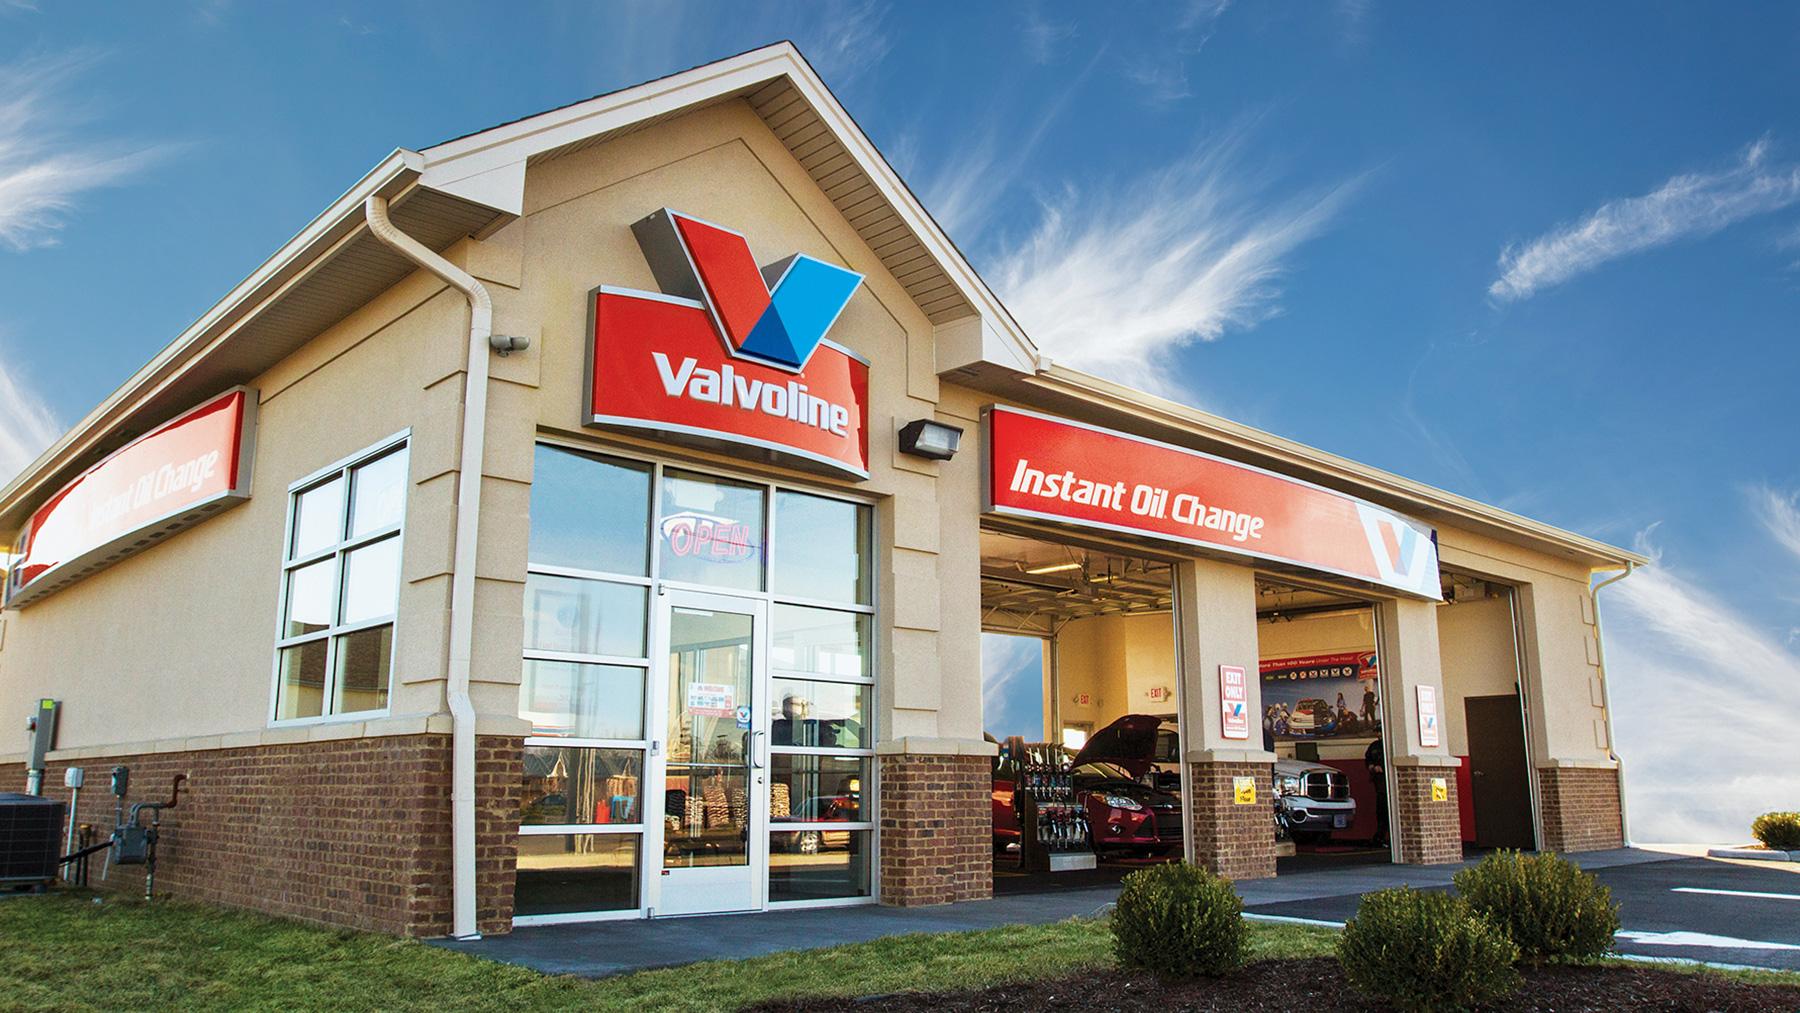 Valvoline Instant Oil Change - Delmar, NY 12054 - (518)475-1918   ShowMeLocal.com